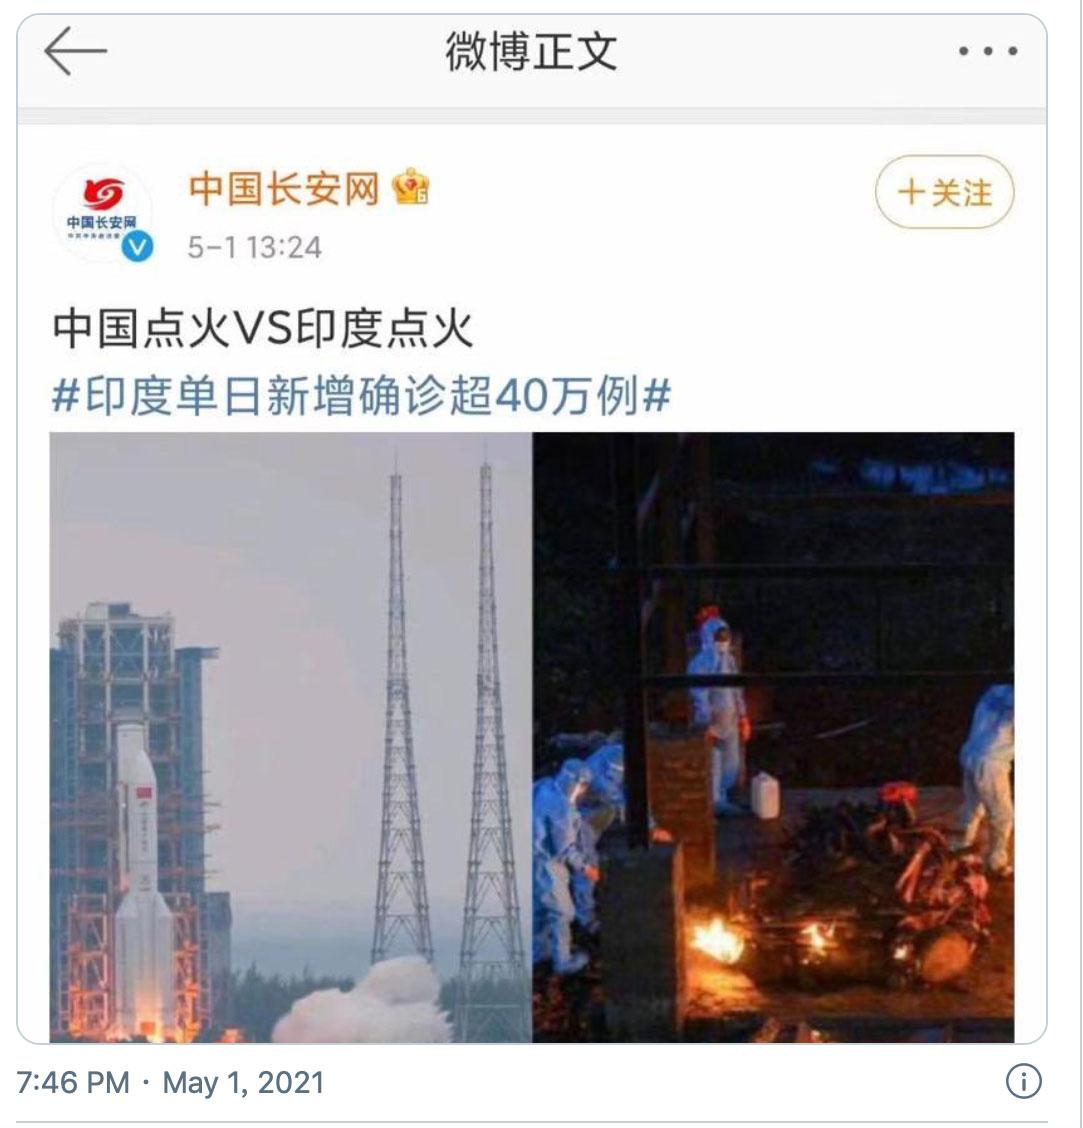 長征5號B遙二火箭失控偏離軌道,全球太空研究單位關切墜落點。諷刺的是,這枚火箭正是中共政法委日前嘲笑印度疫情的「中國點火」主角。(截圖)